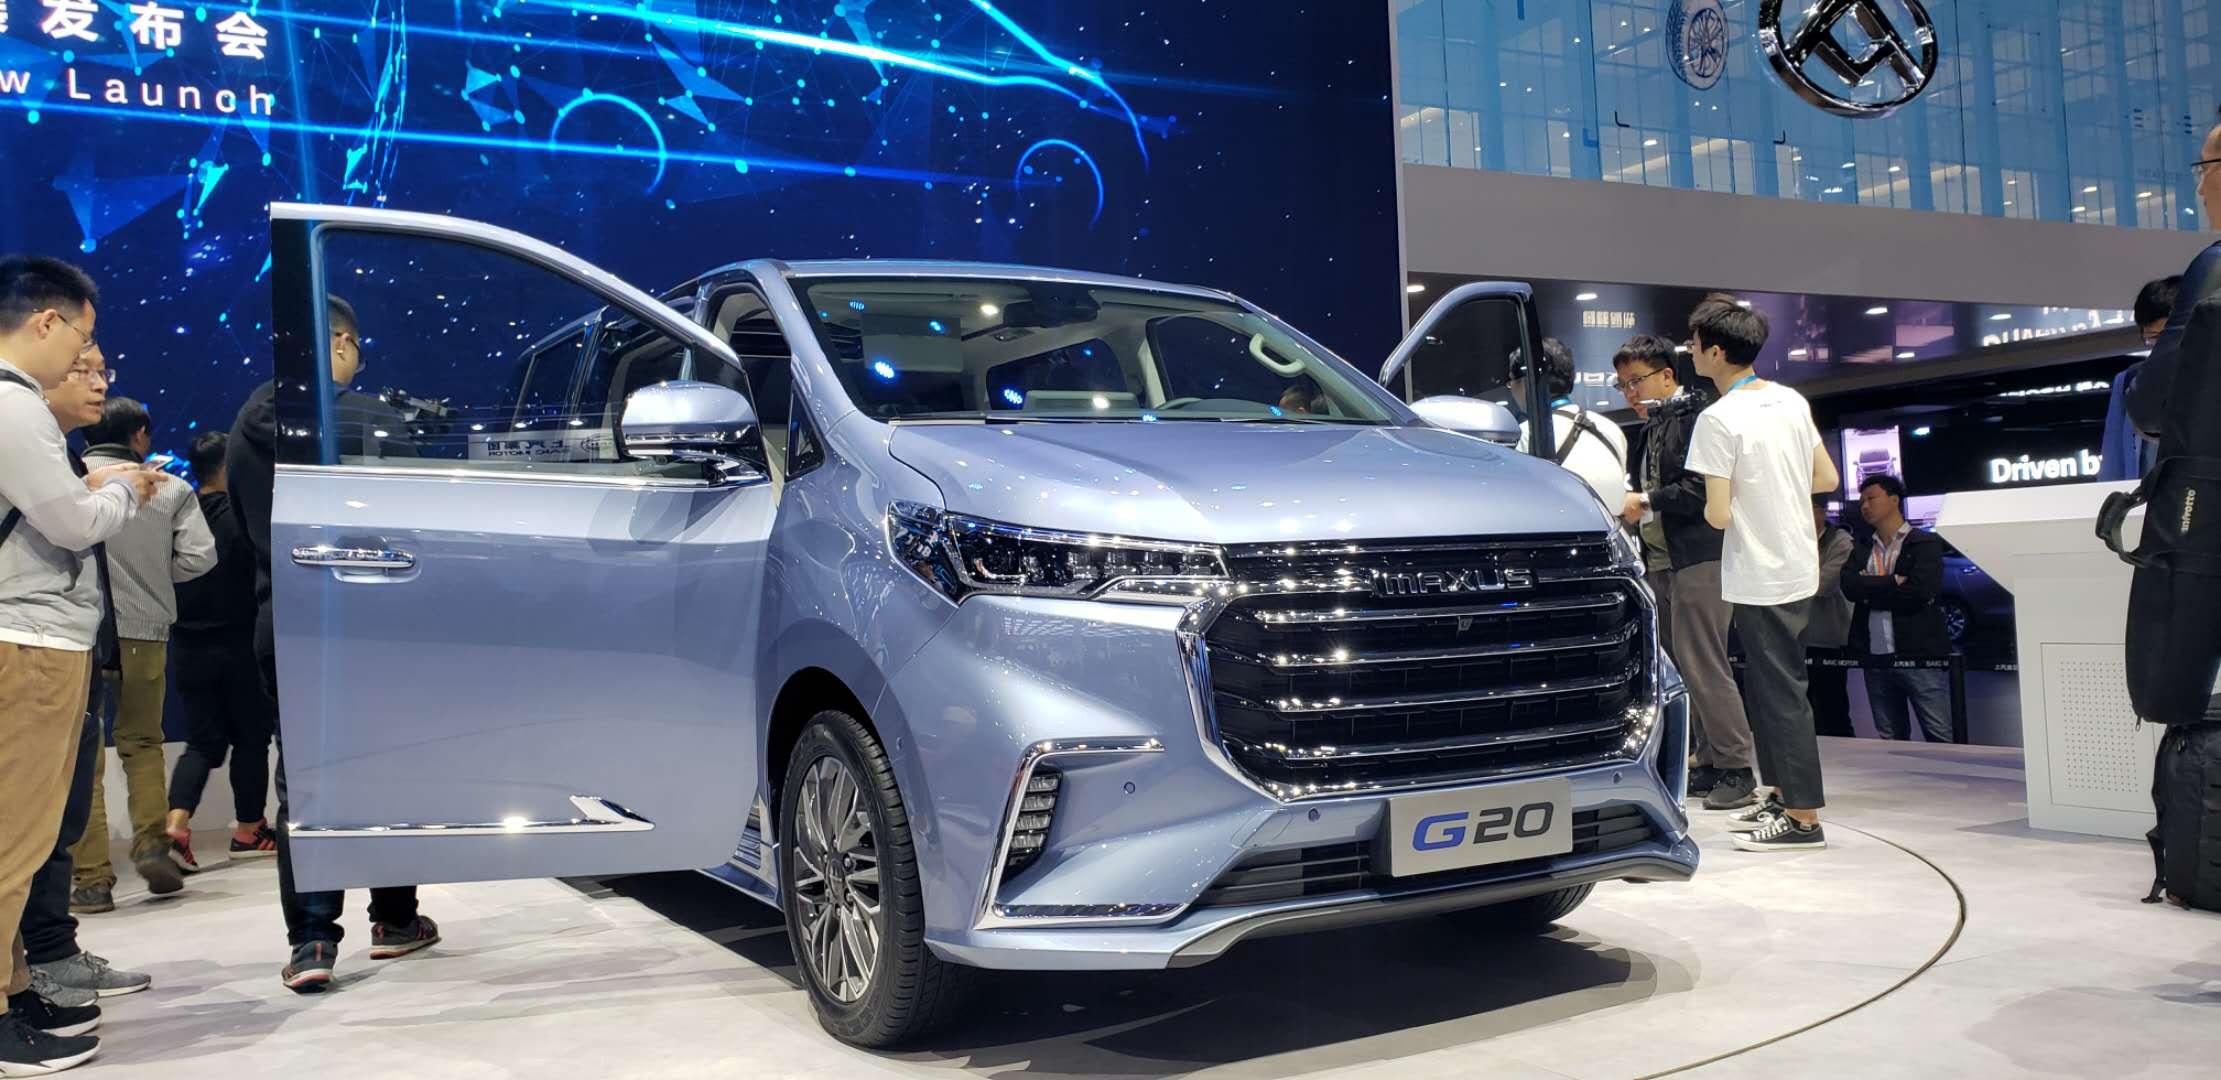 上汽大通再度推出MPV车型G20 能否像老大哥G10累战累胜?